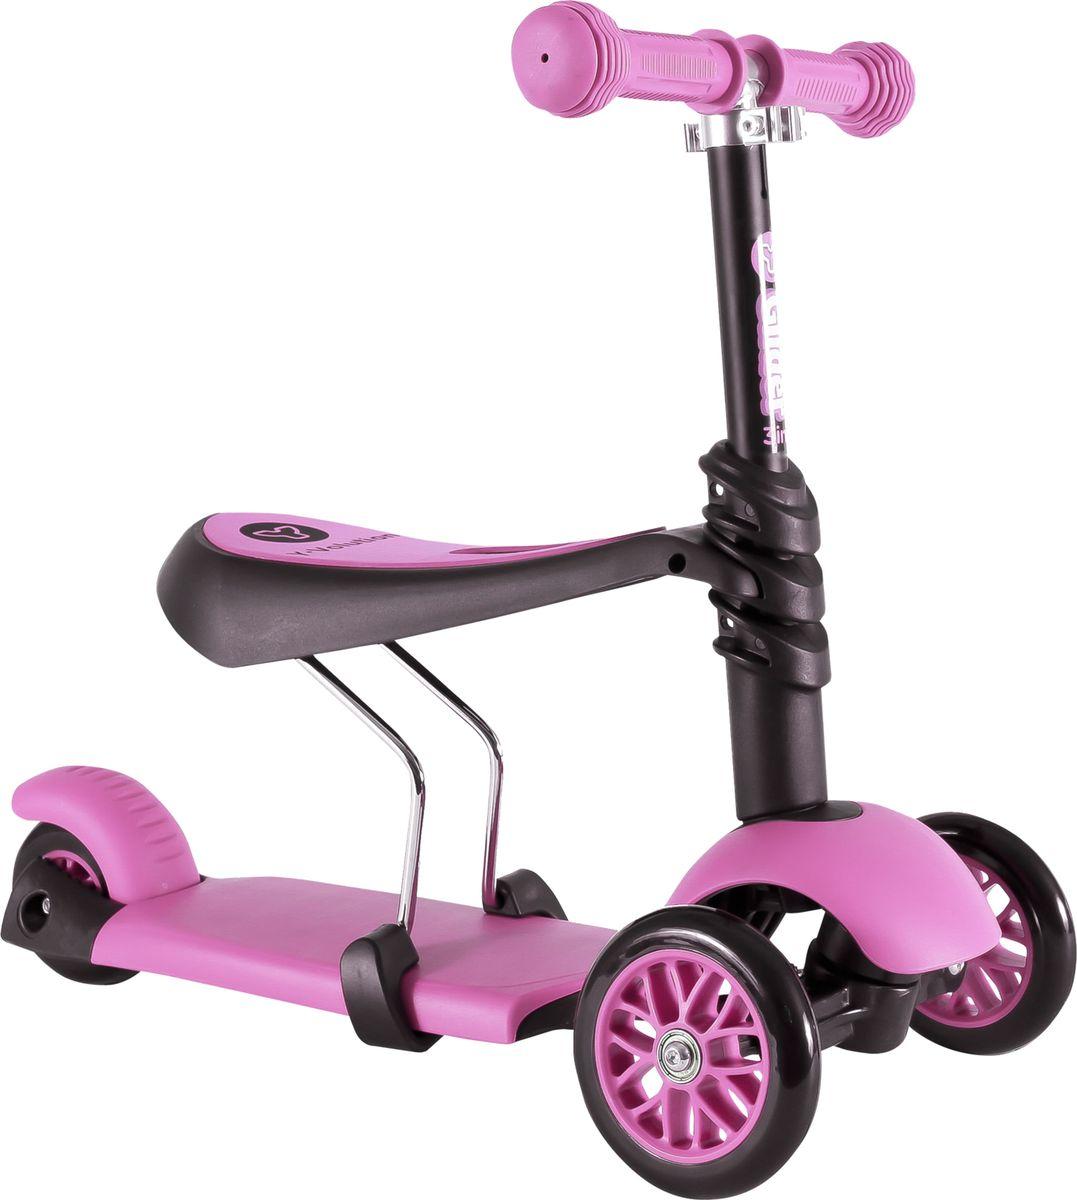 YVolution Самокат-беговел детский Glider 3 в 1 цвет розовый - Беговелы